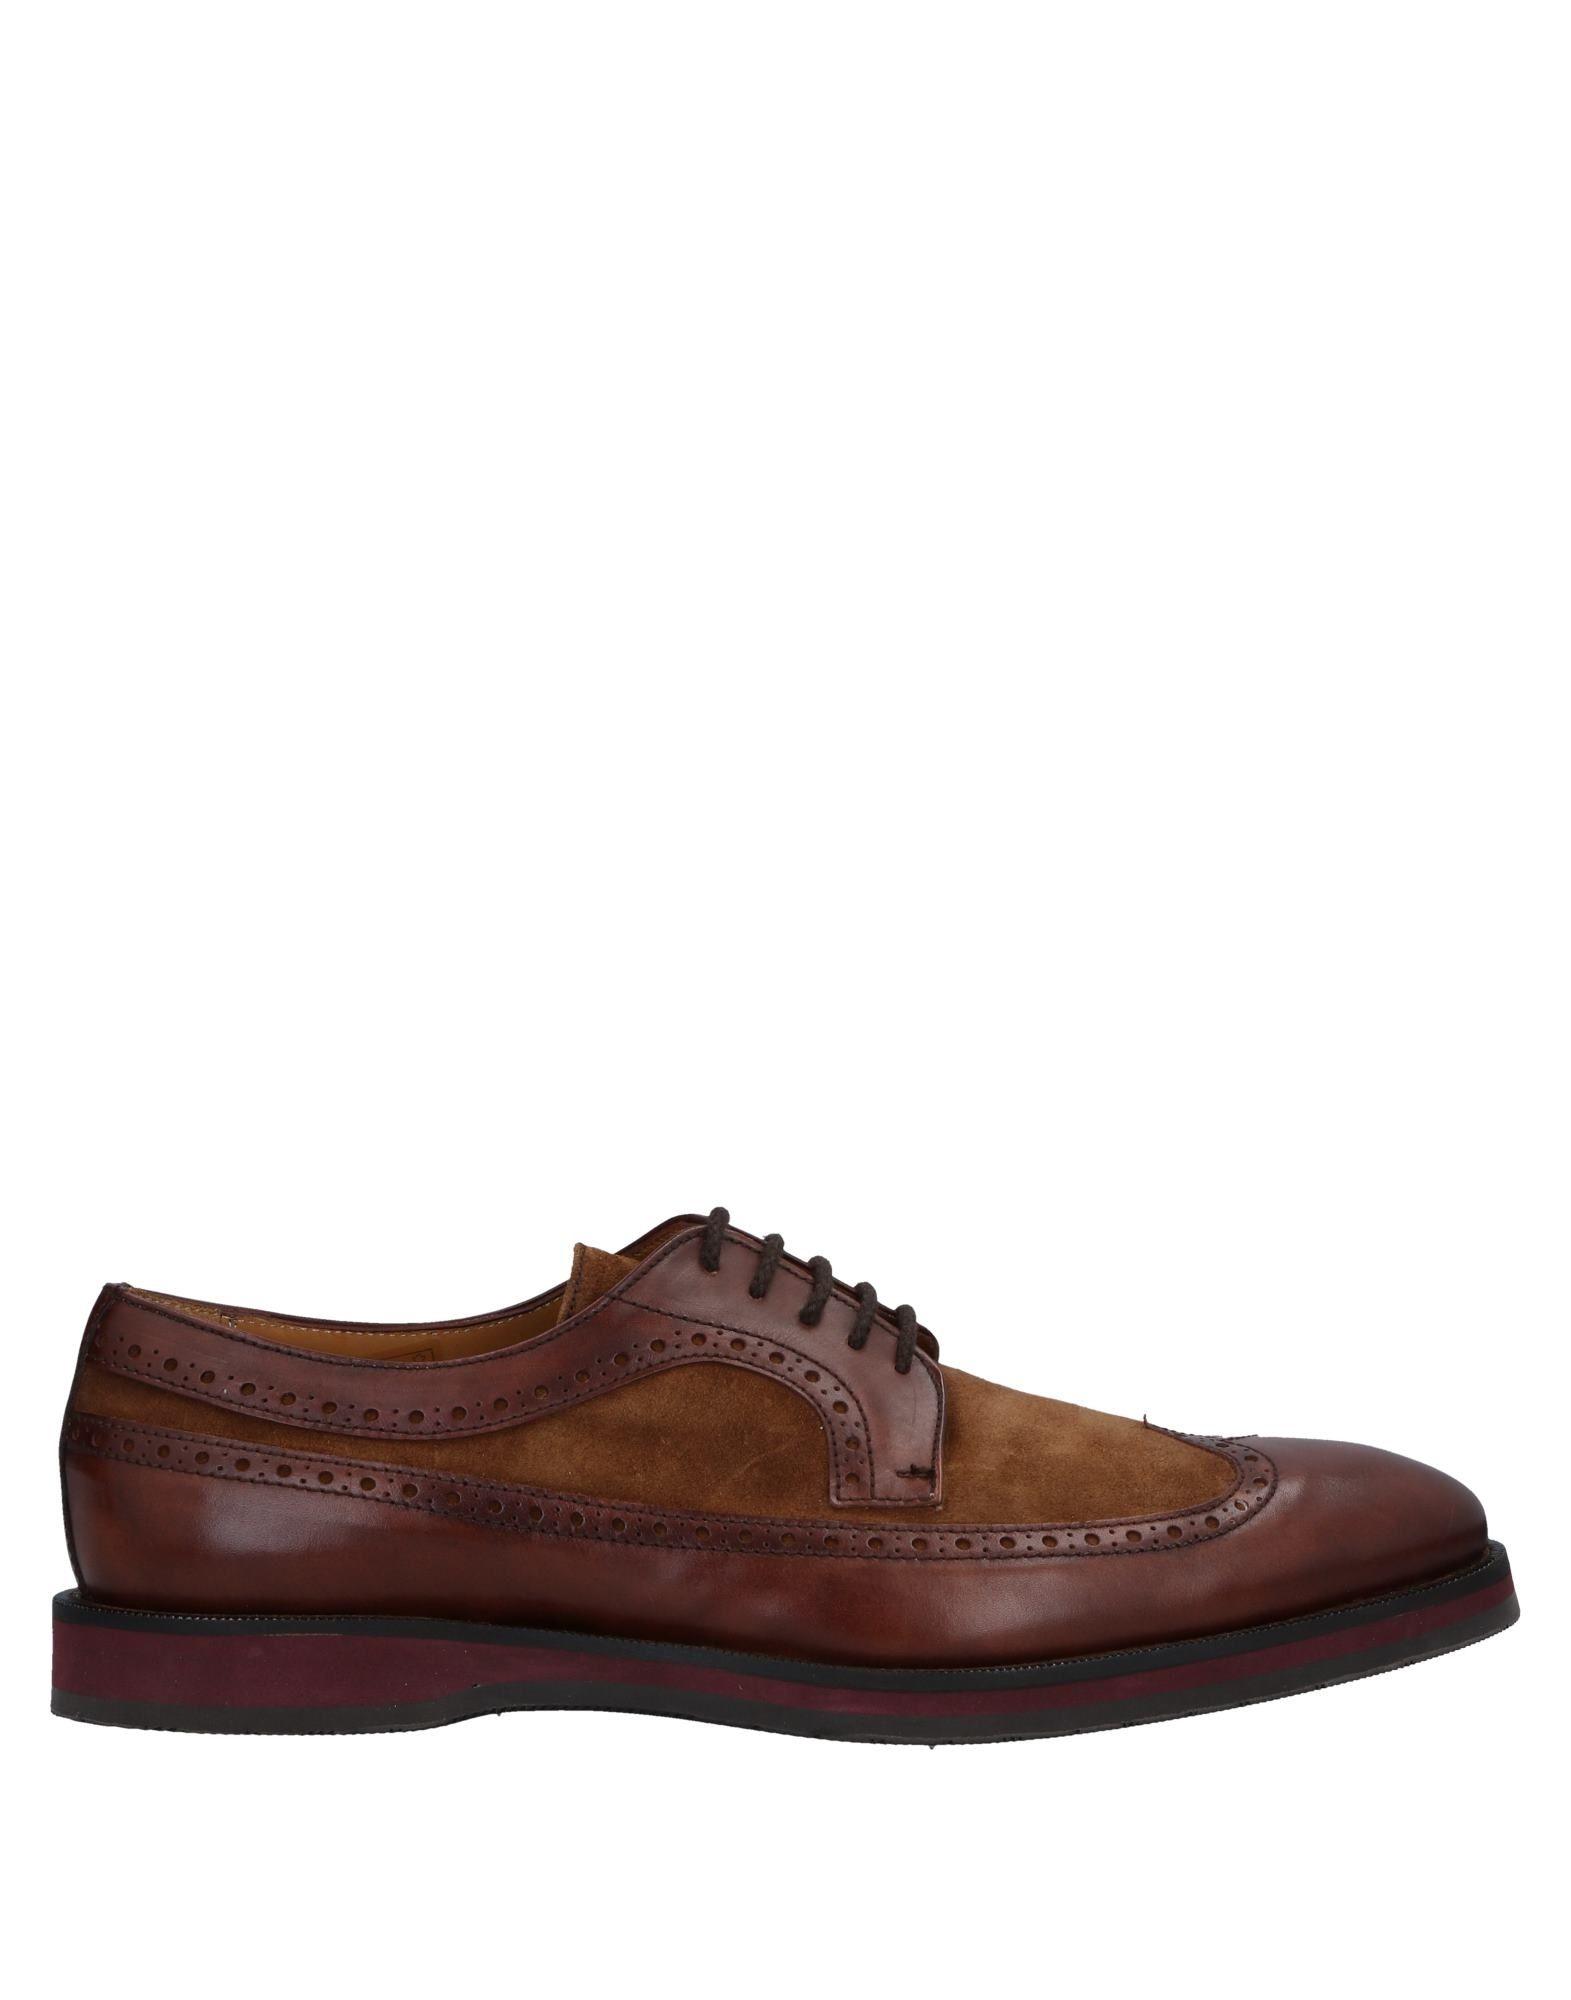 Rabatt echte Schuhe Pertini Schnürschuhe Herren 11534486WX